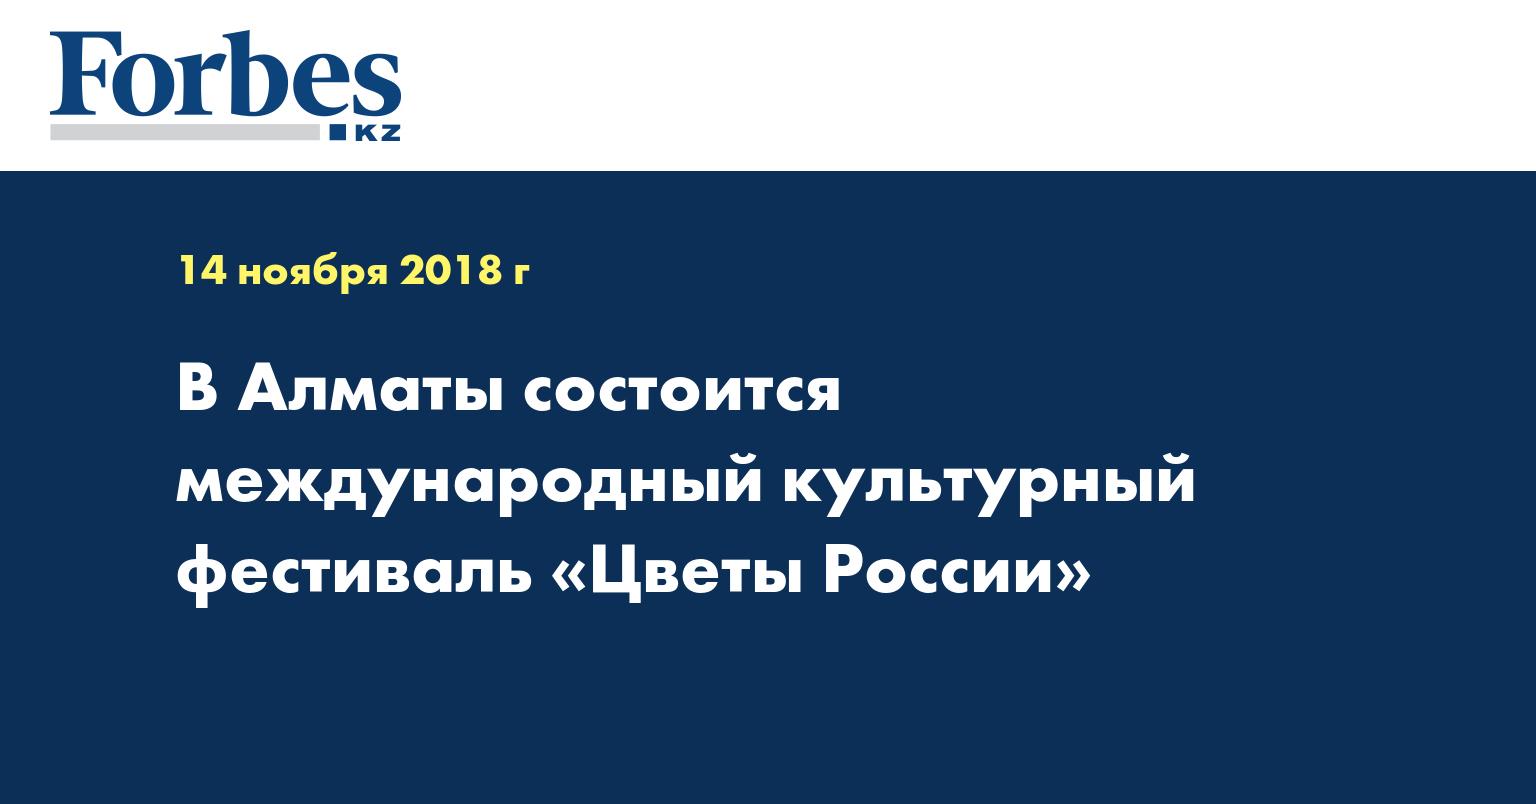 В Алматы пройдёт международный культурный фестиваль «Цветы России»